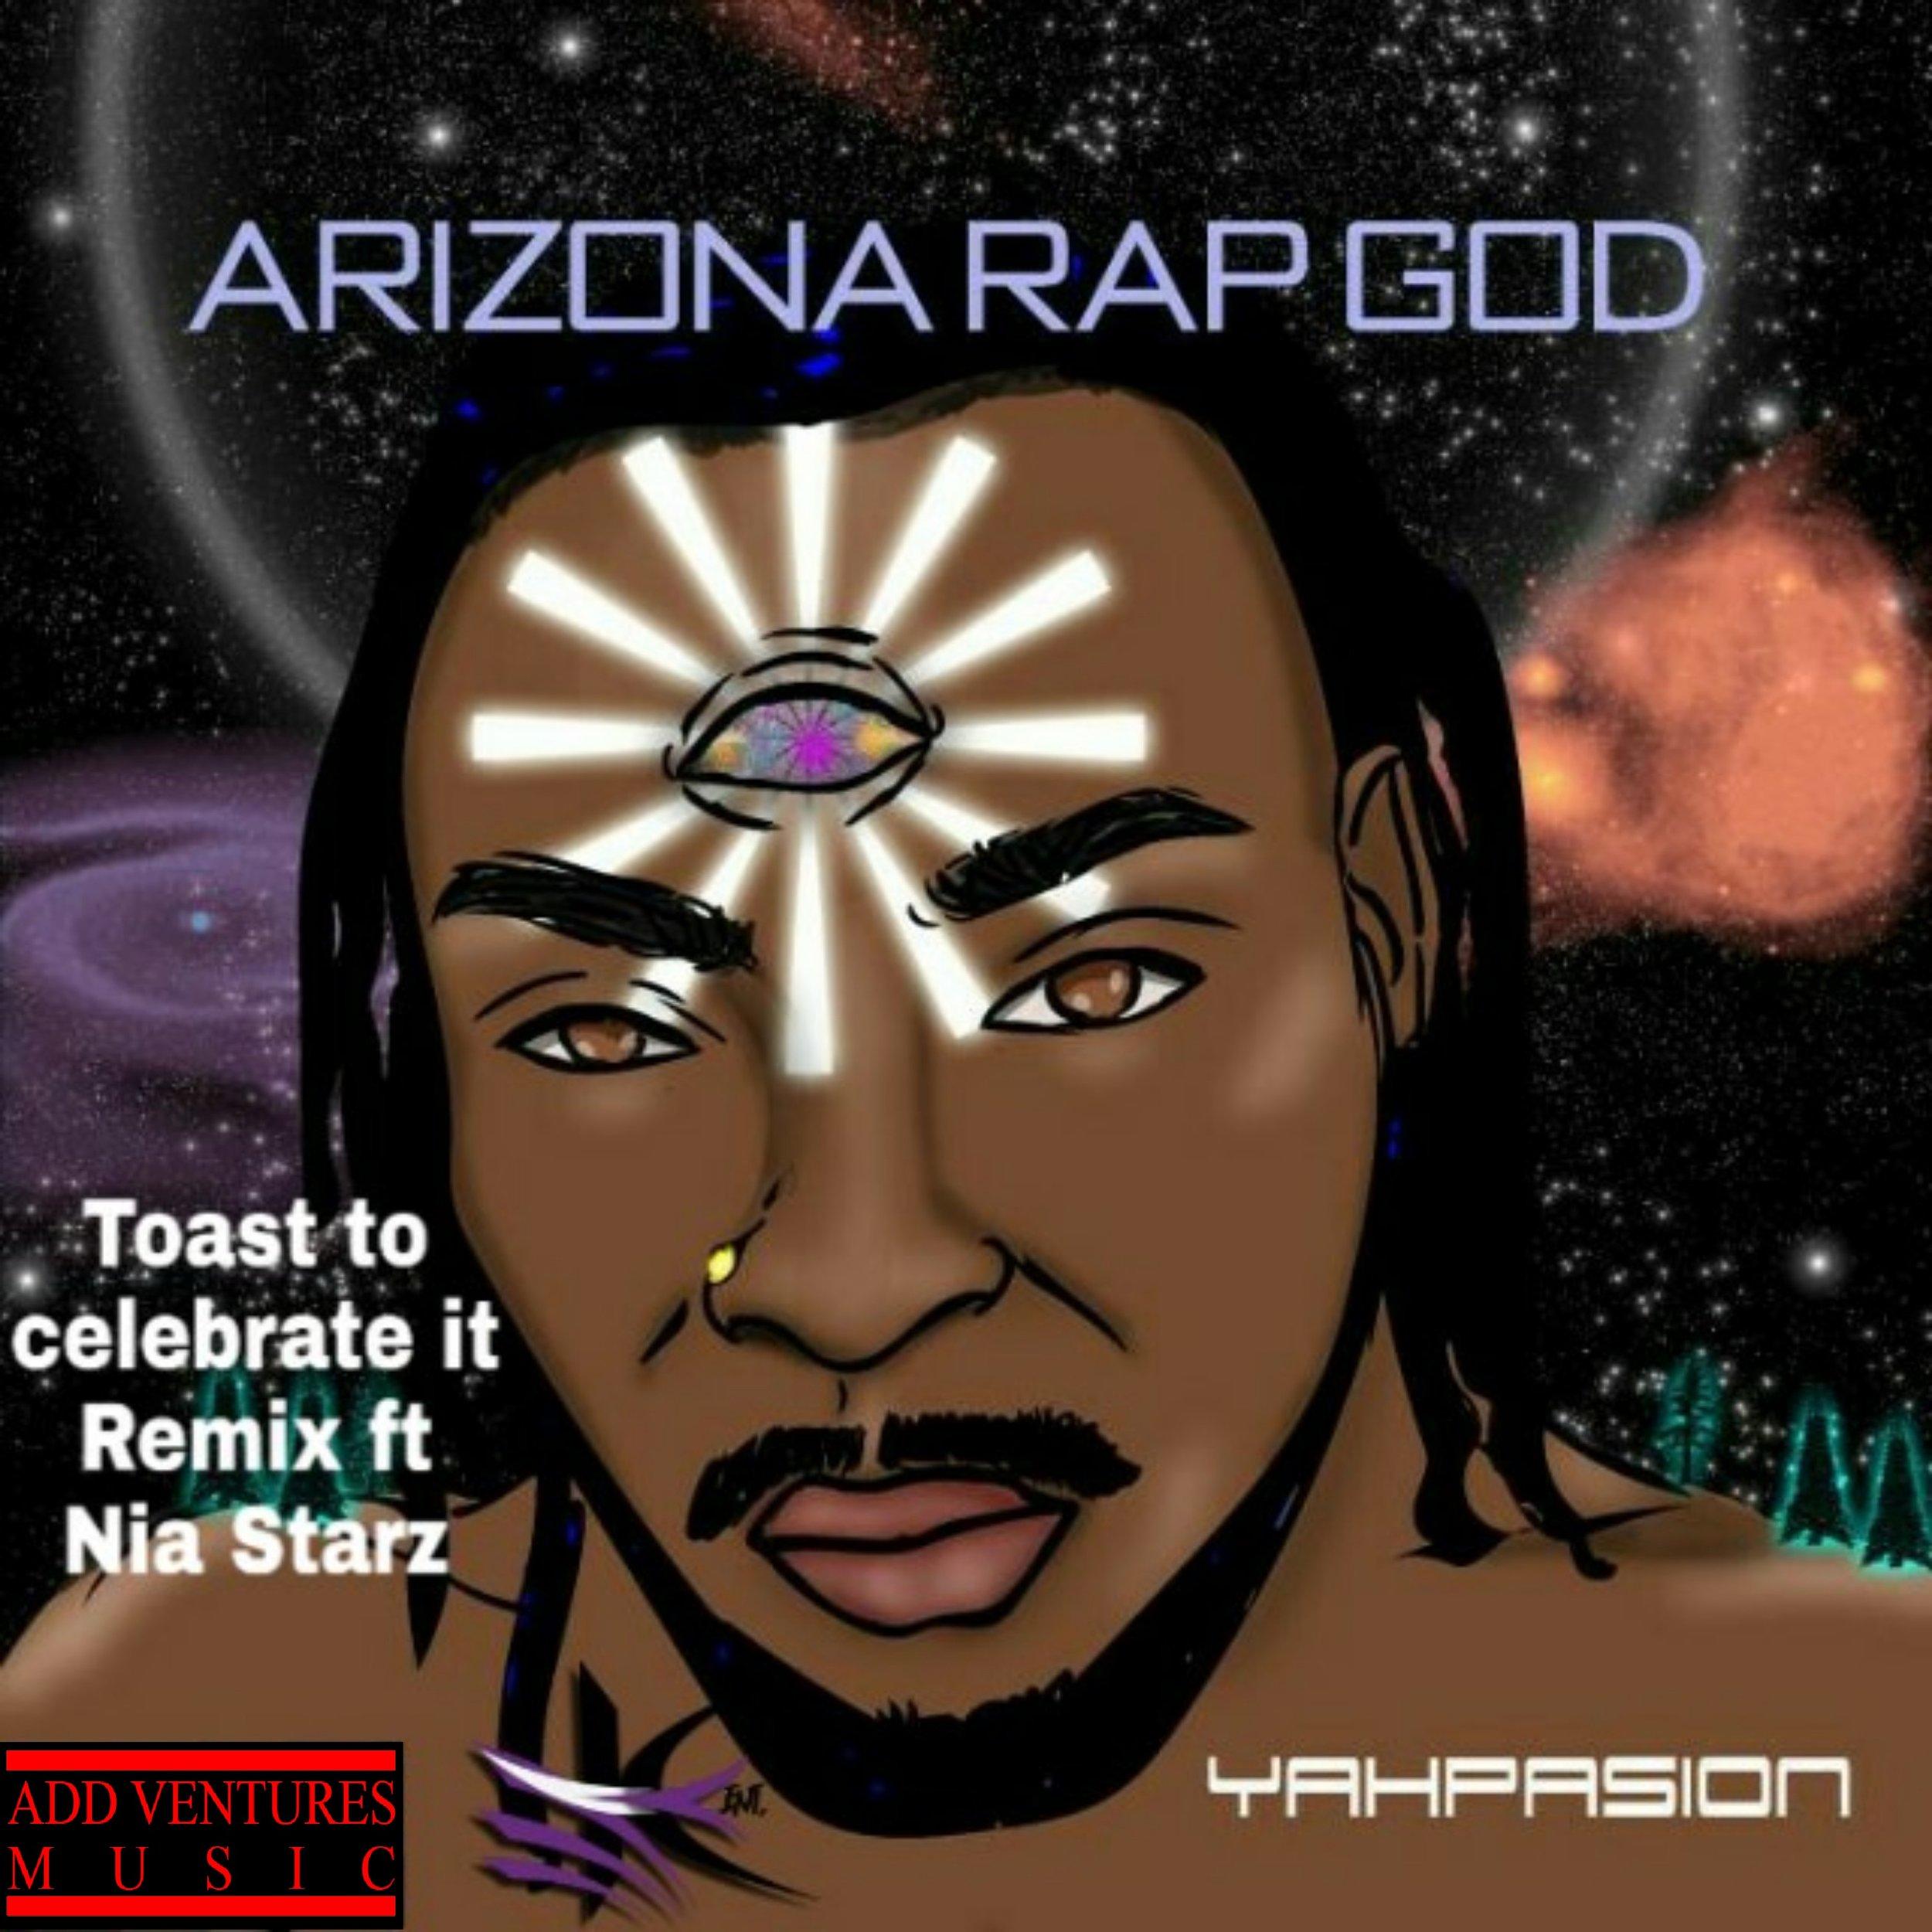 YahPasion - Toast To Celebrate It Remix ft Nia Starz - Single Cover.jpg